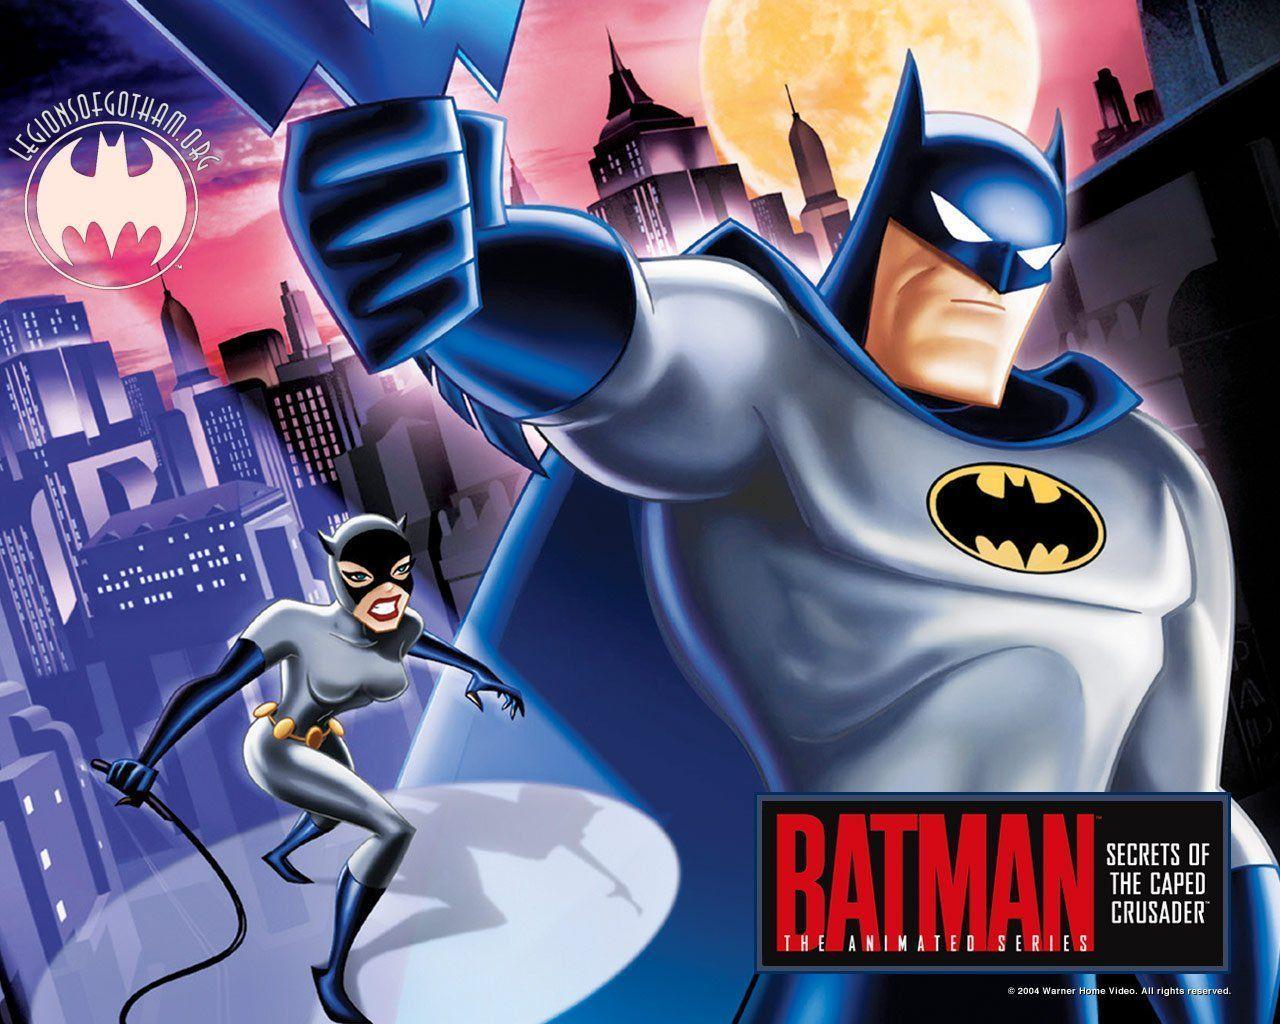 Batman Superman Cartoon Batman poster, Batman vs